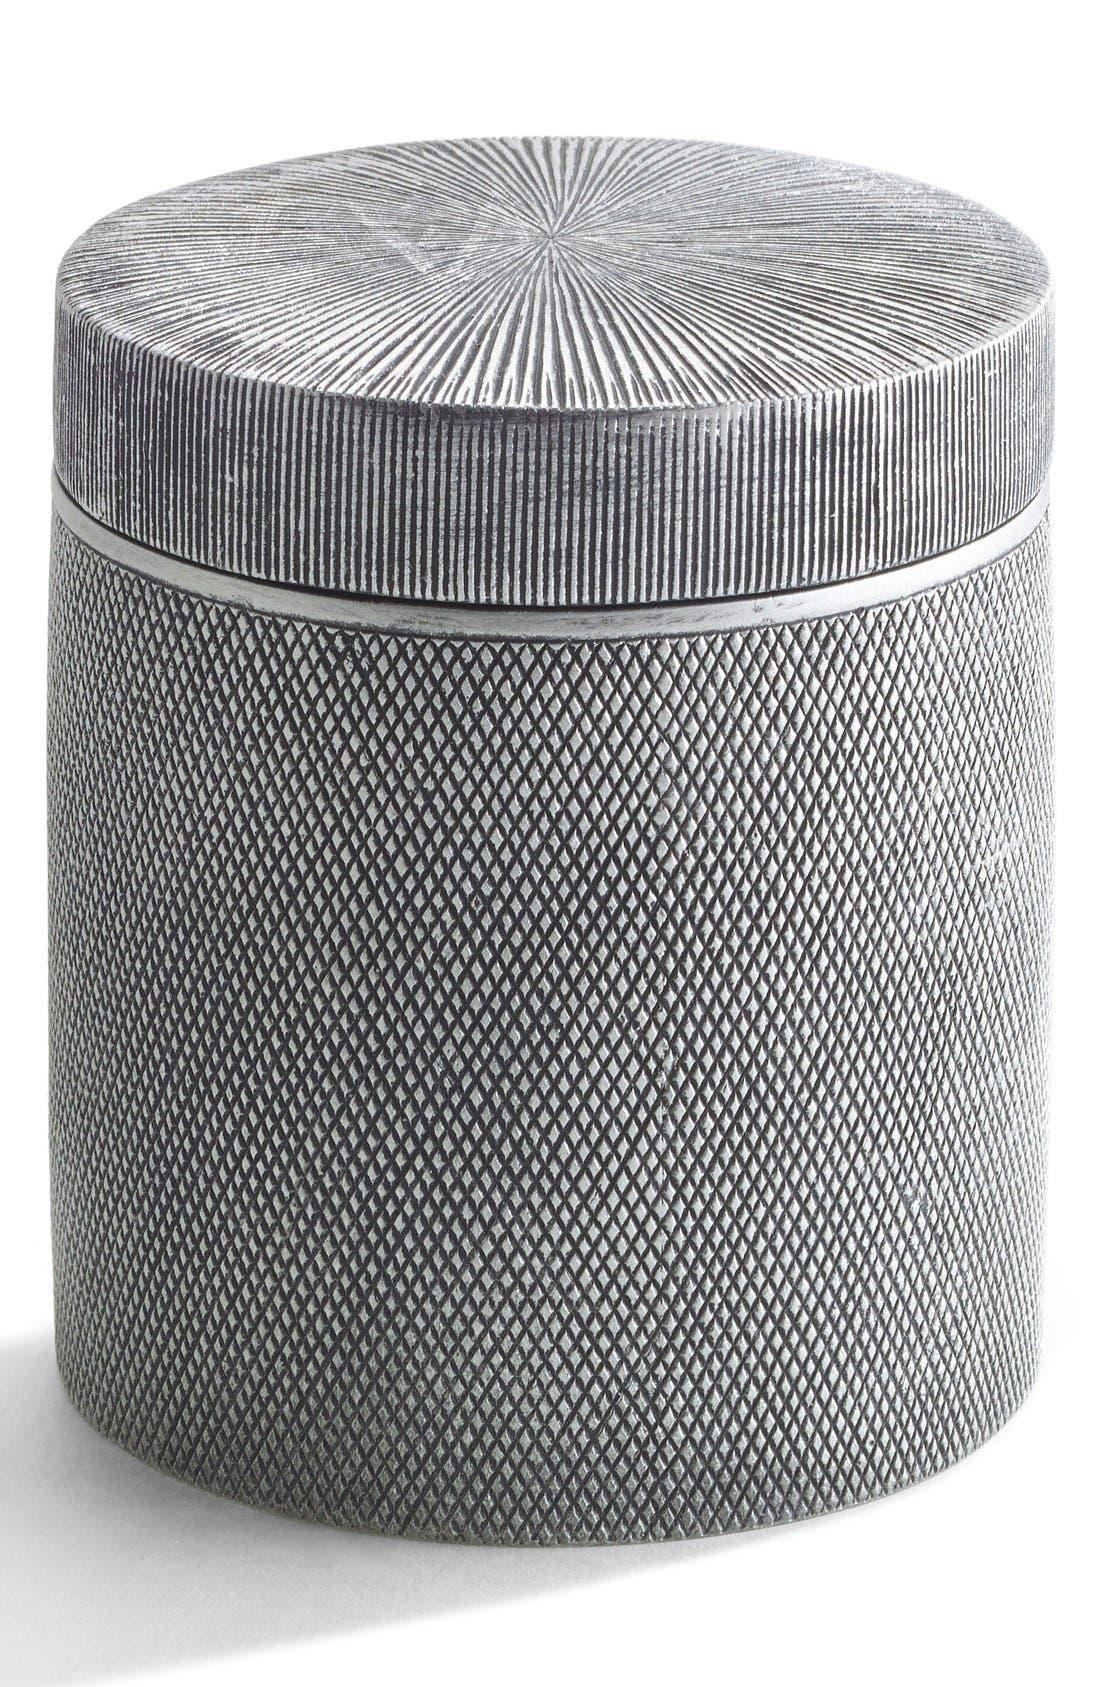 KASSATEX Etched Cotton Jar